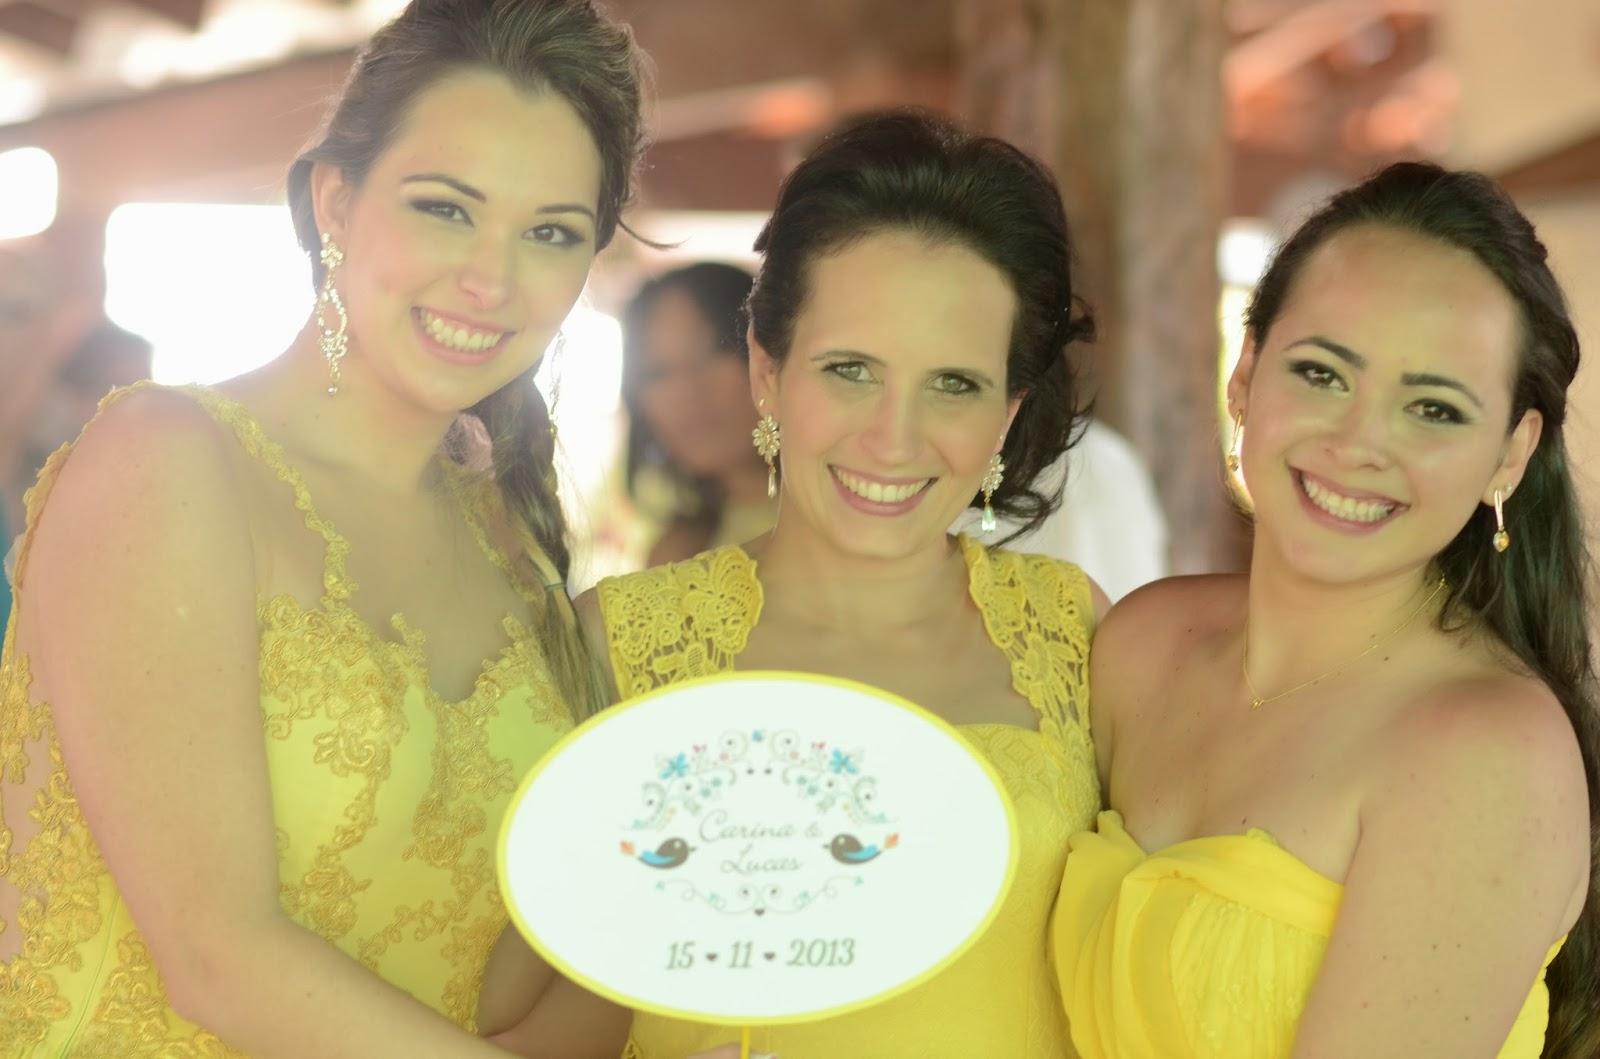 photobooth-madrinhas-casamento-dia-azul-amarelo